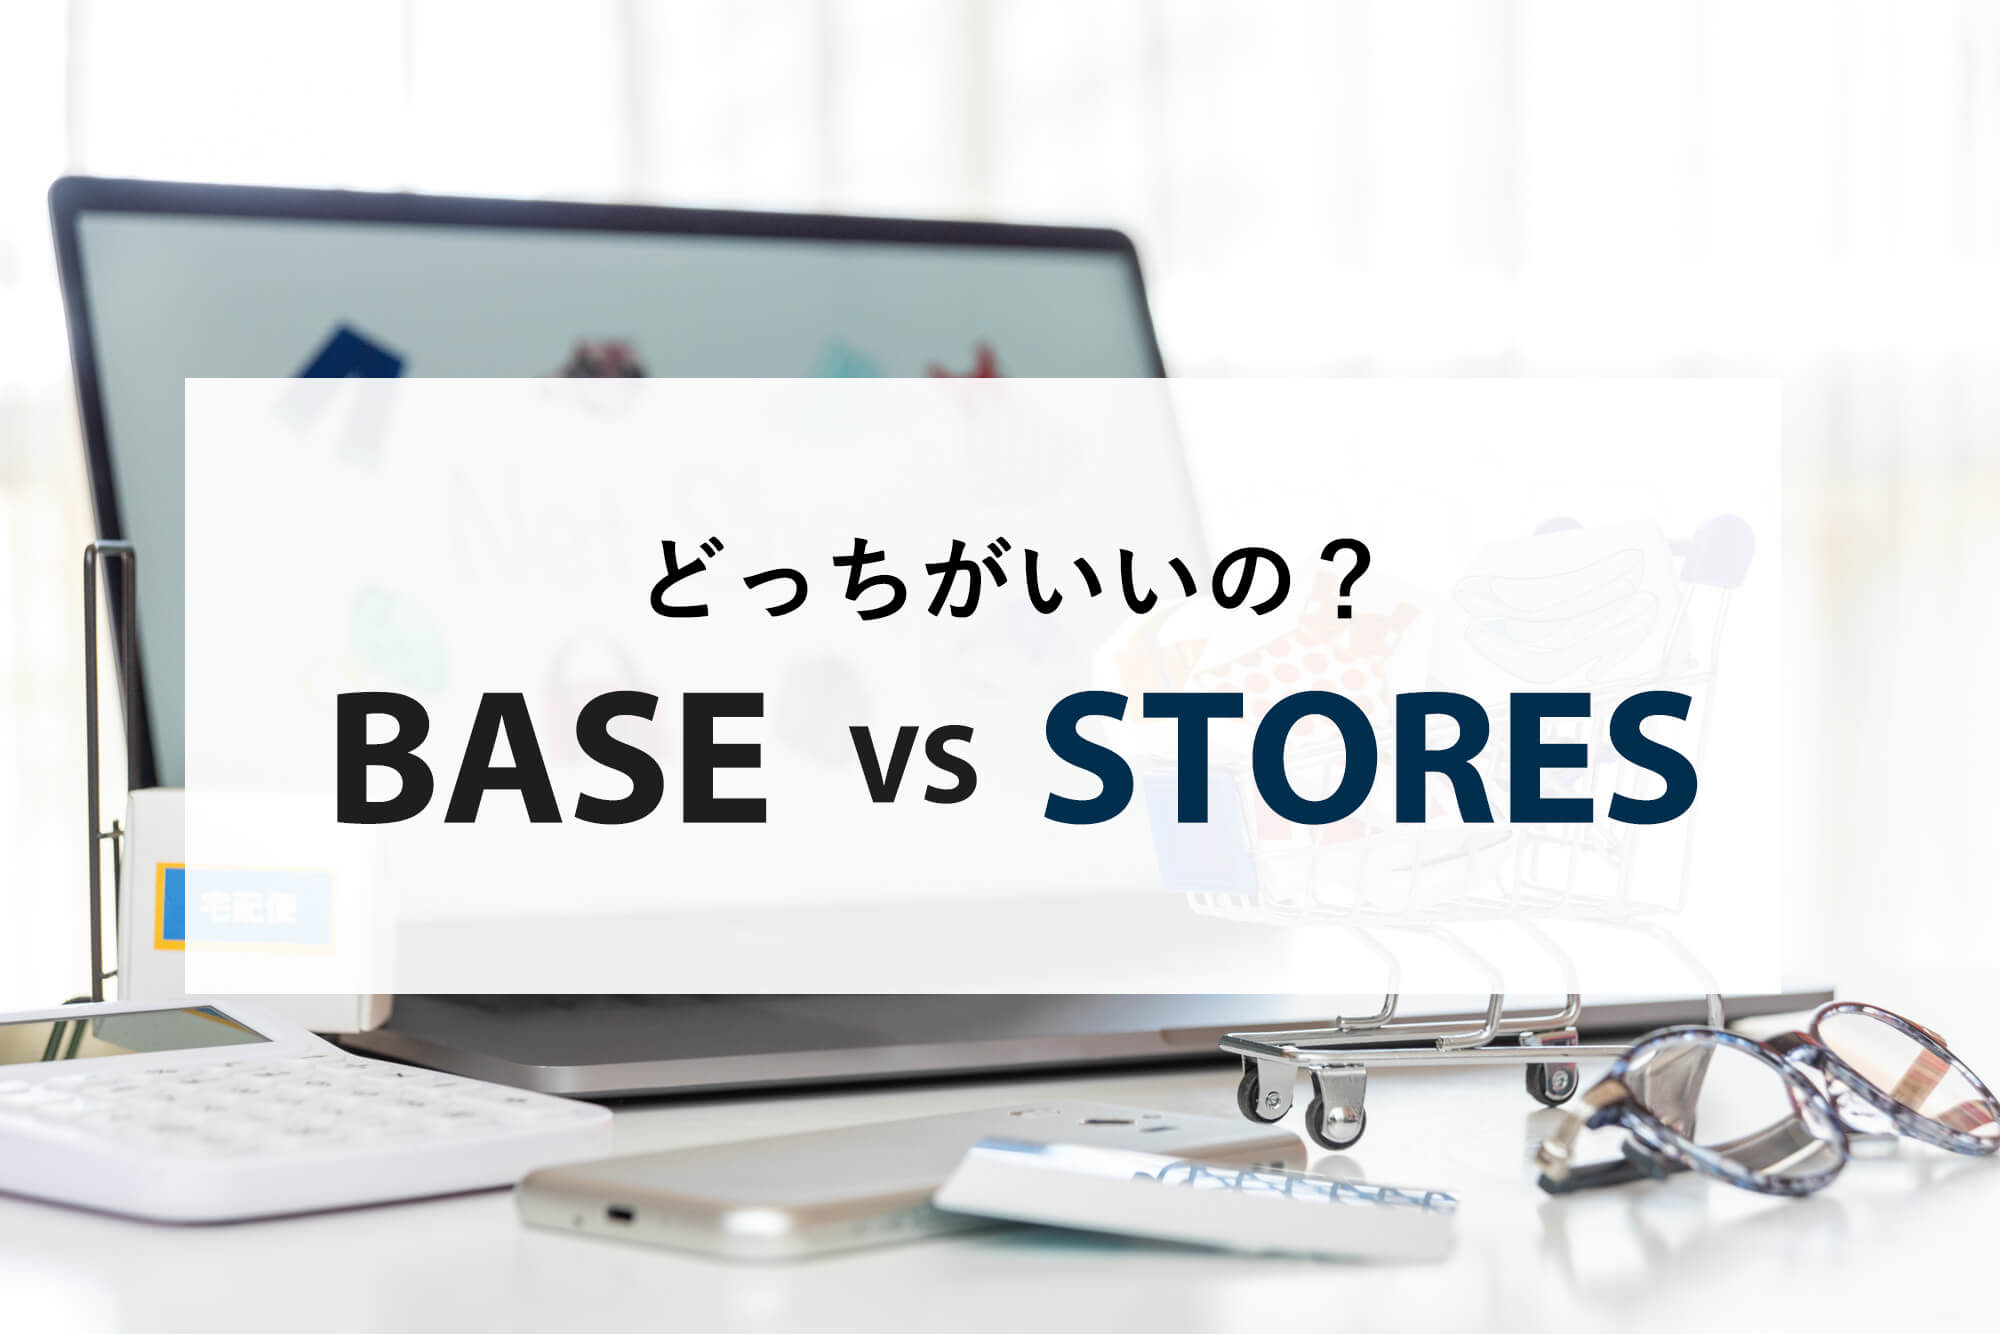 「BASE」と「STORES」どちらを選ぶのが良いかを考える